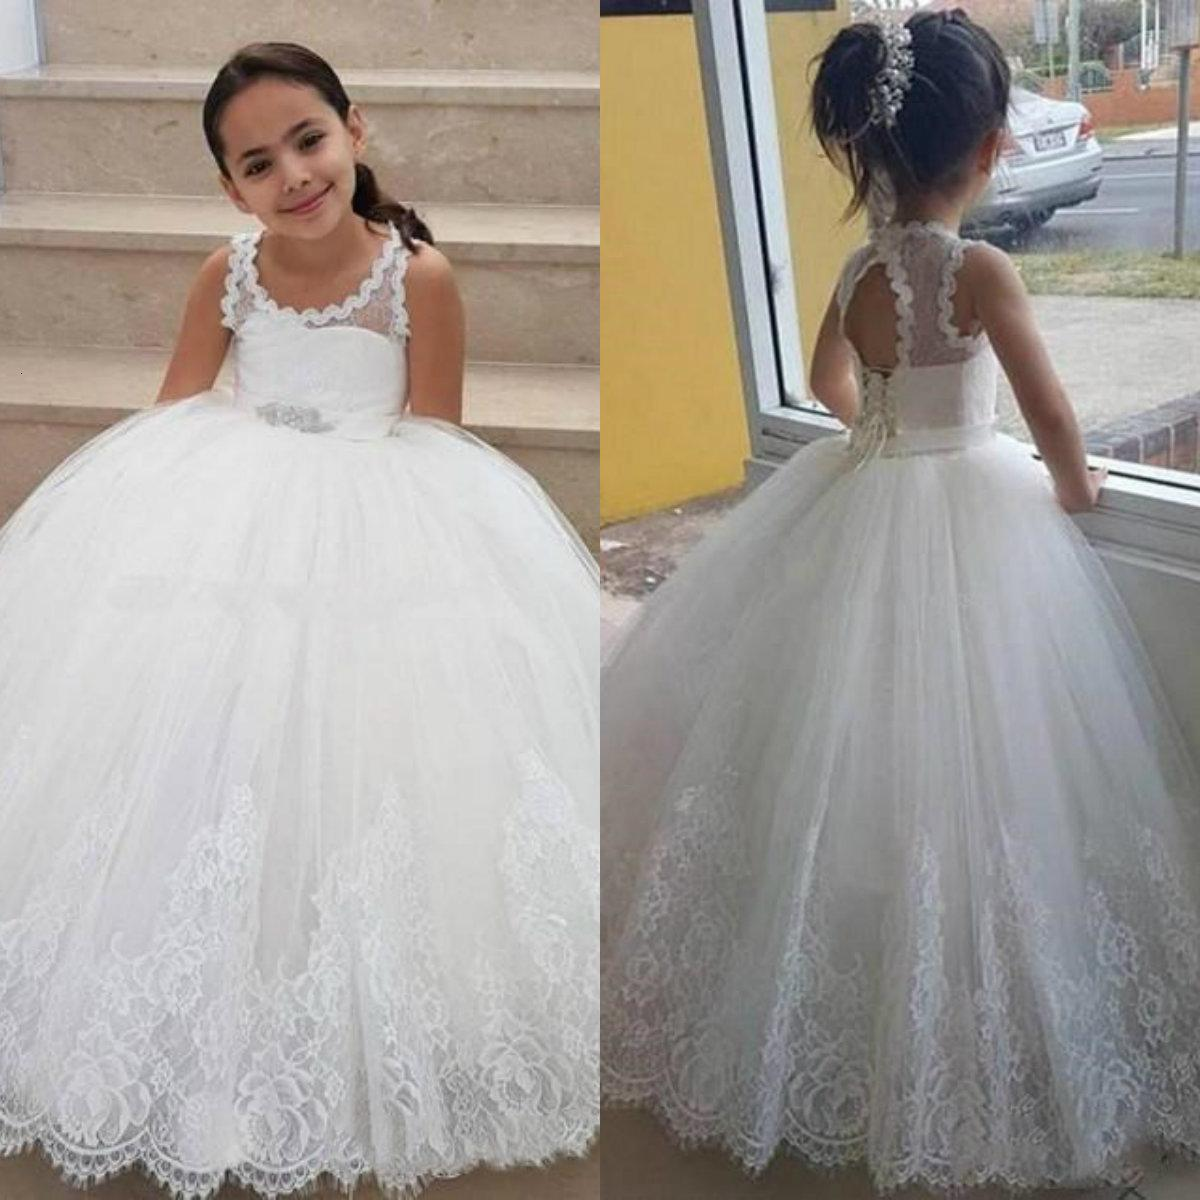 2019 Robes de fille de fleur de tulle blanche pour la dentelle de mariage Applique longueur longueur filles robes de robe